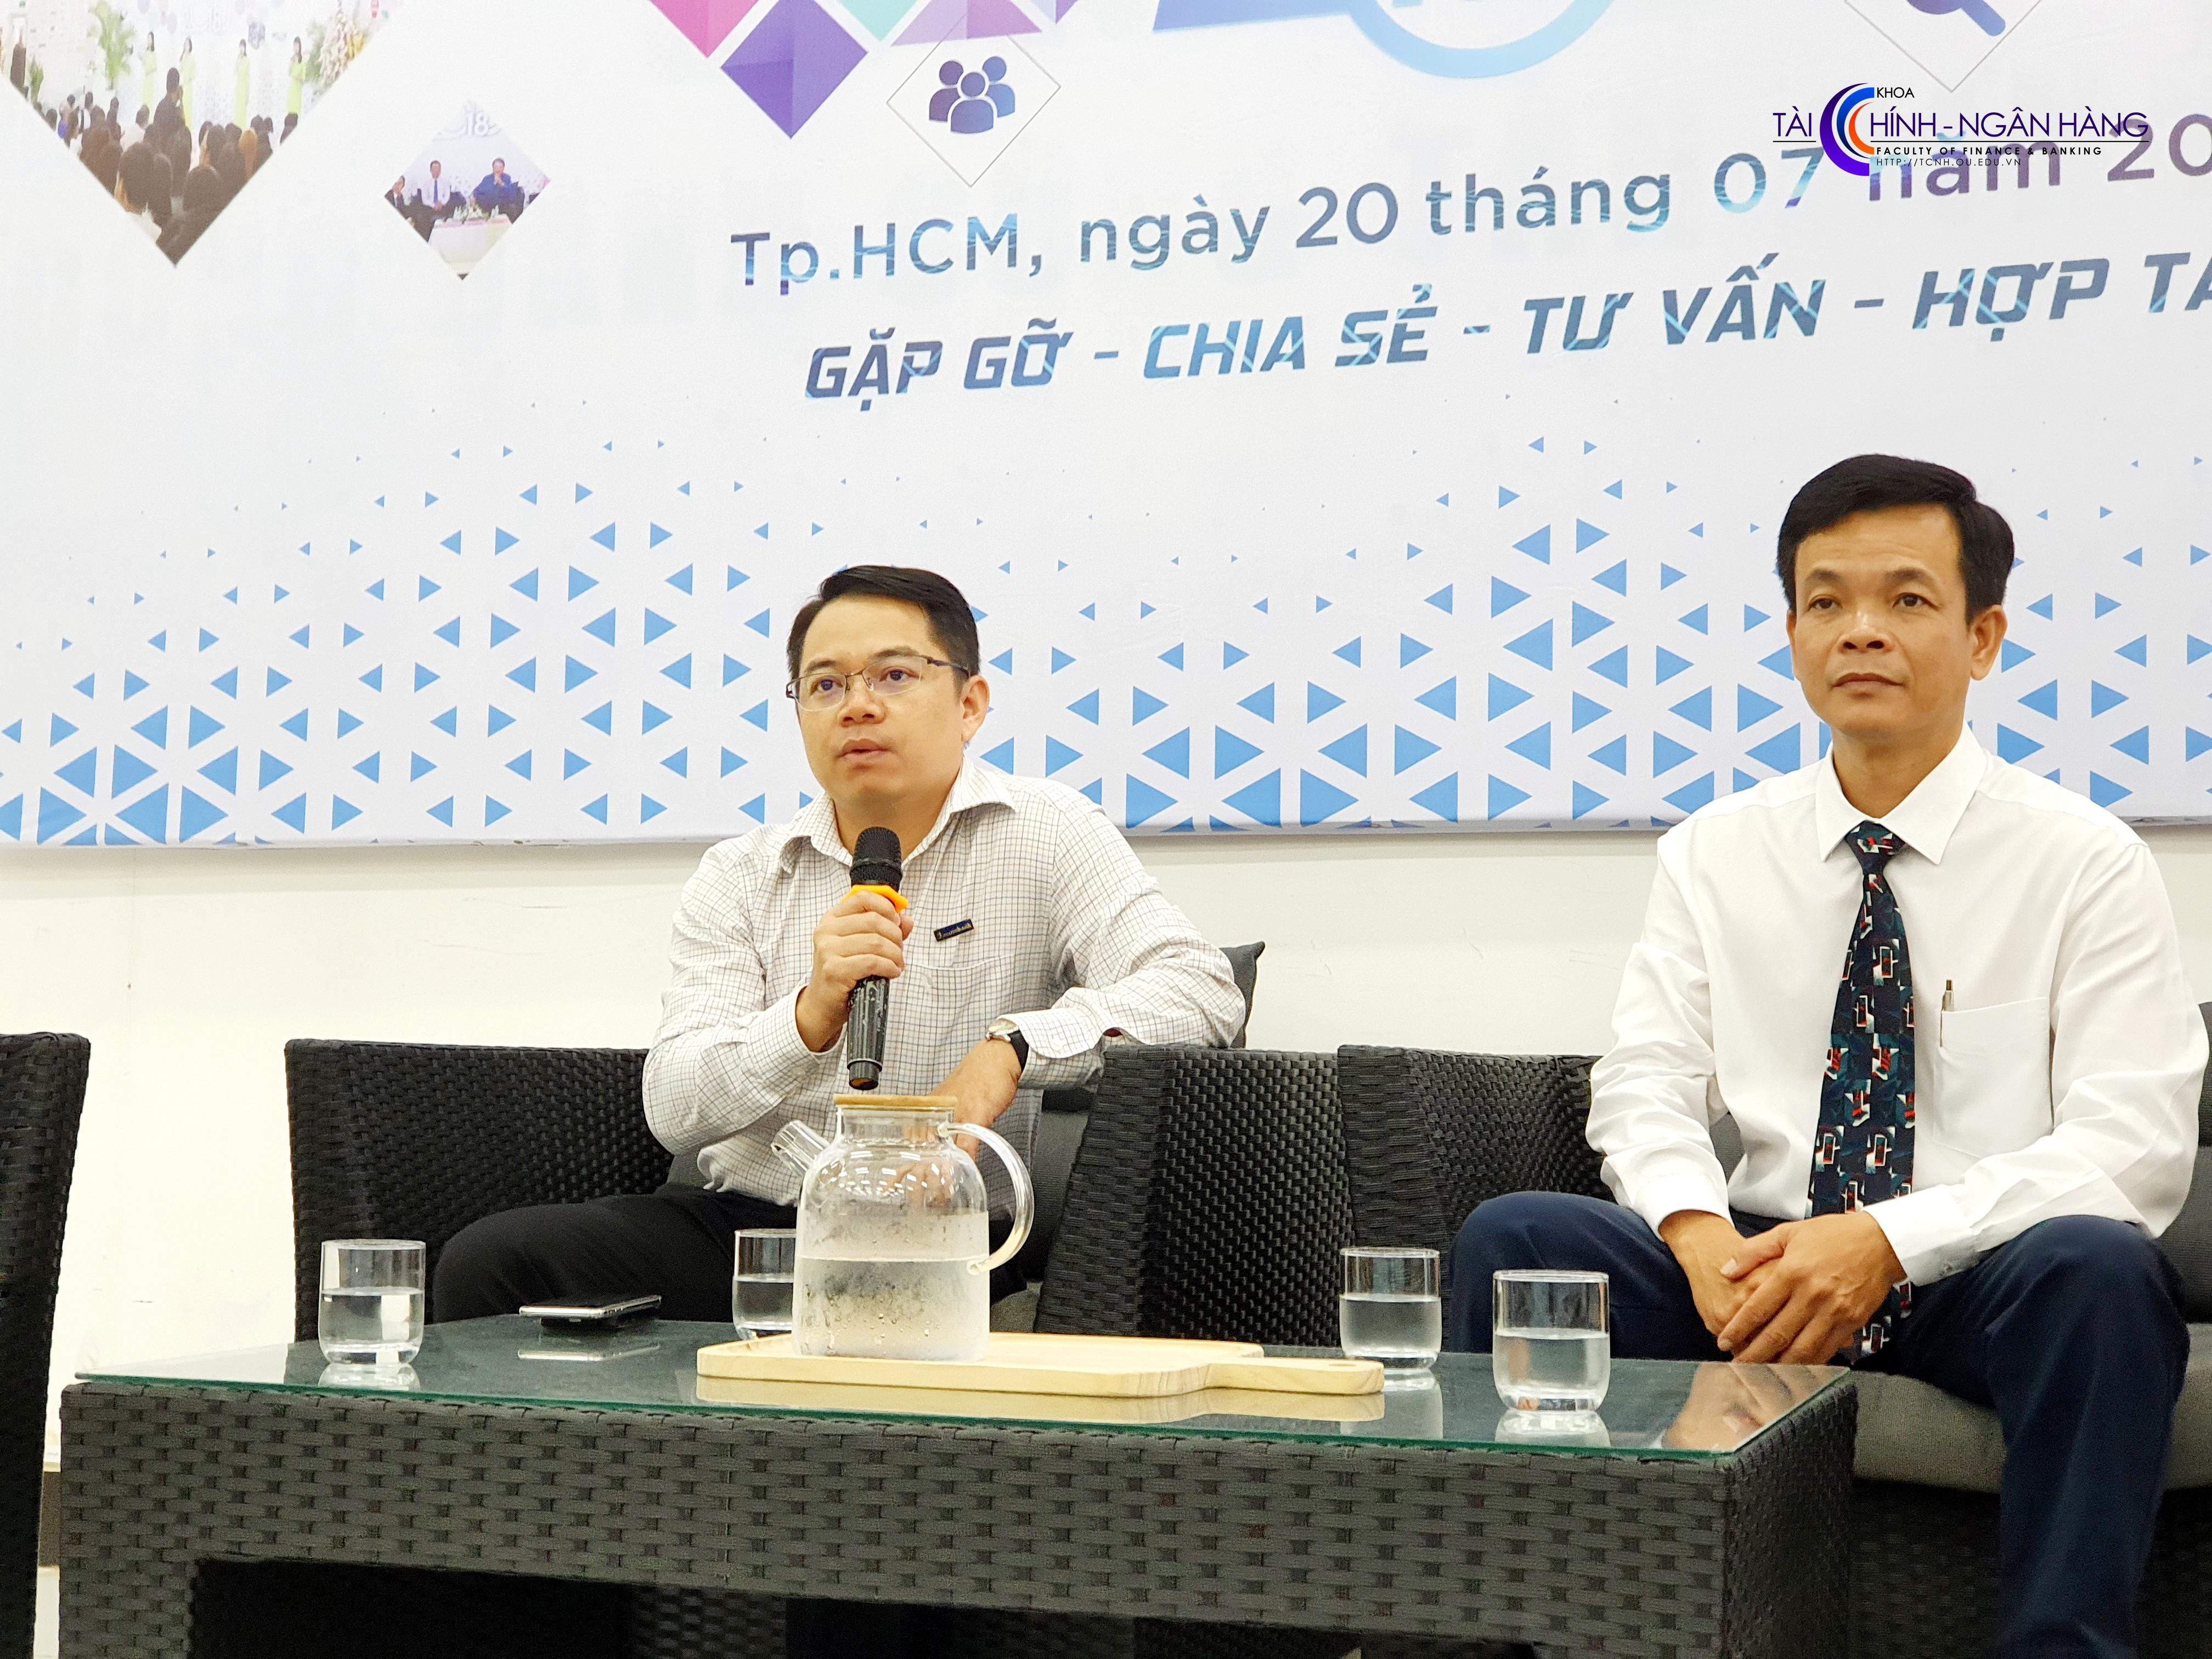 Ông Huỳnh Thiên Phú chia sẻ với sinh viên những triển vọng của ngành trong bối cảnh công nghiệp 4.0.